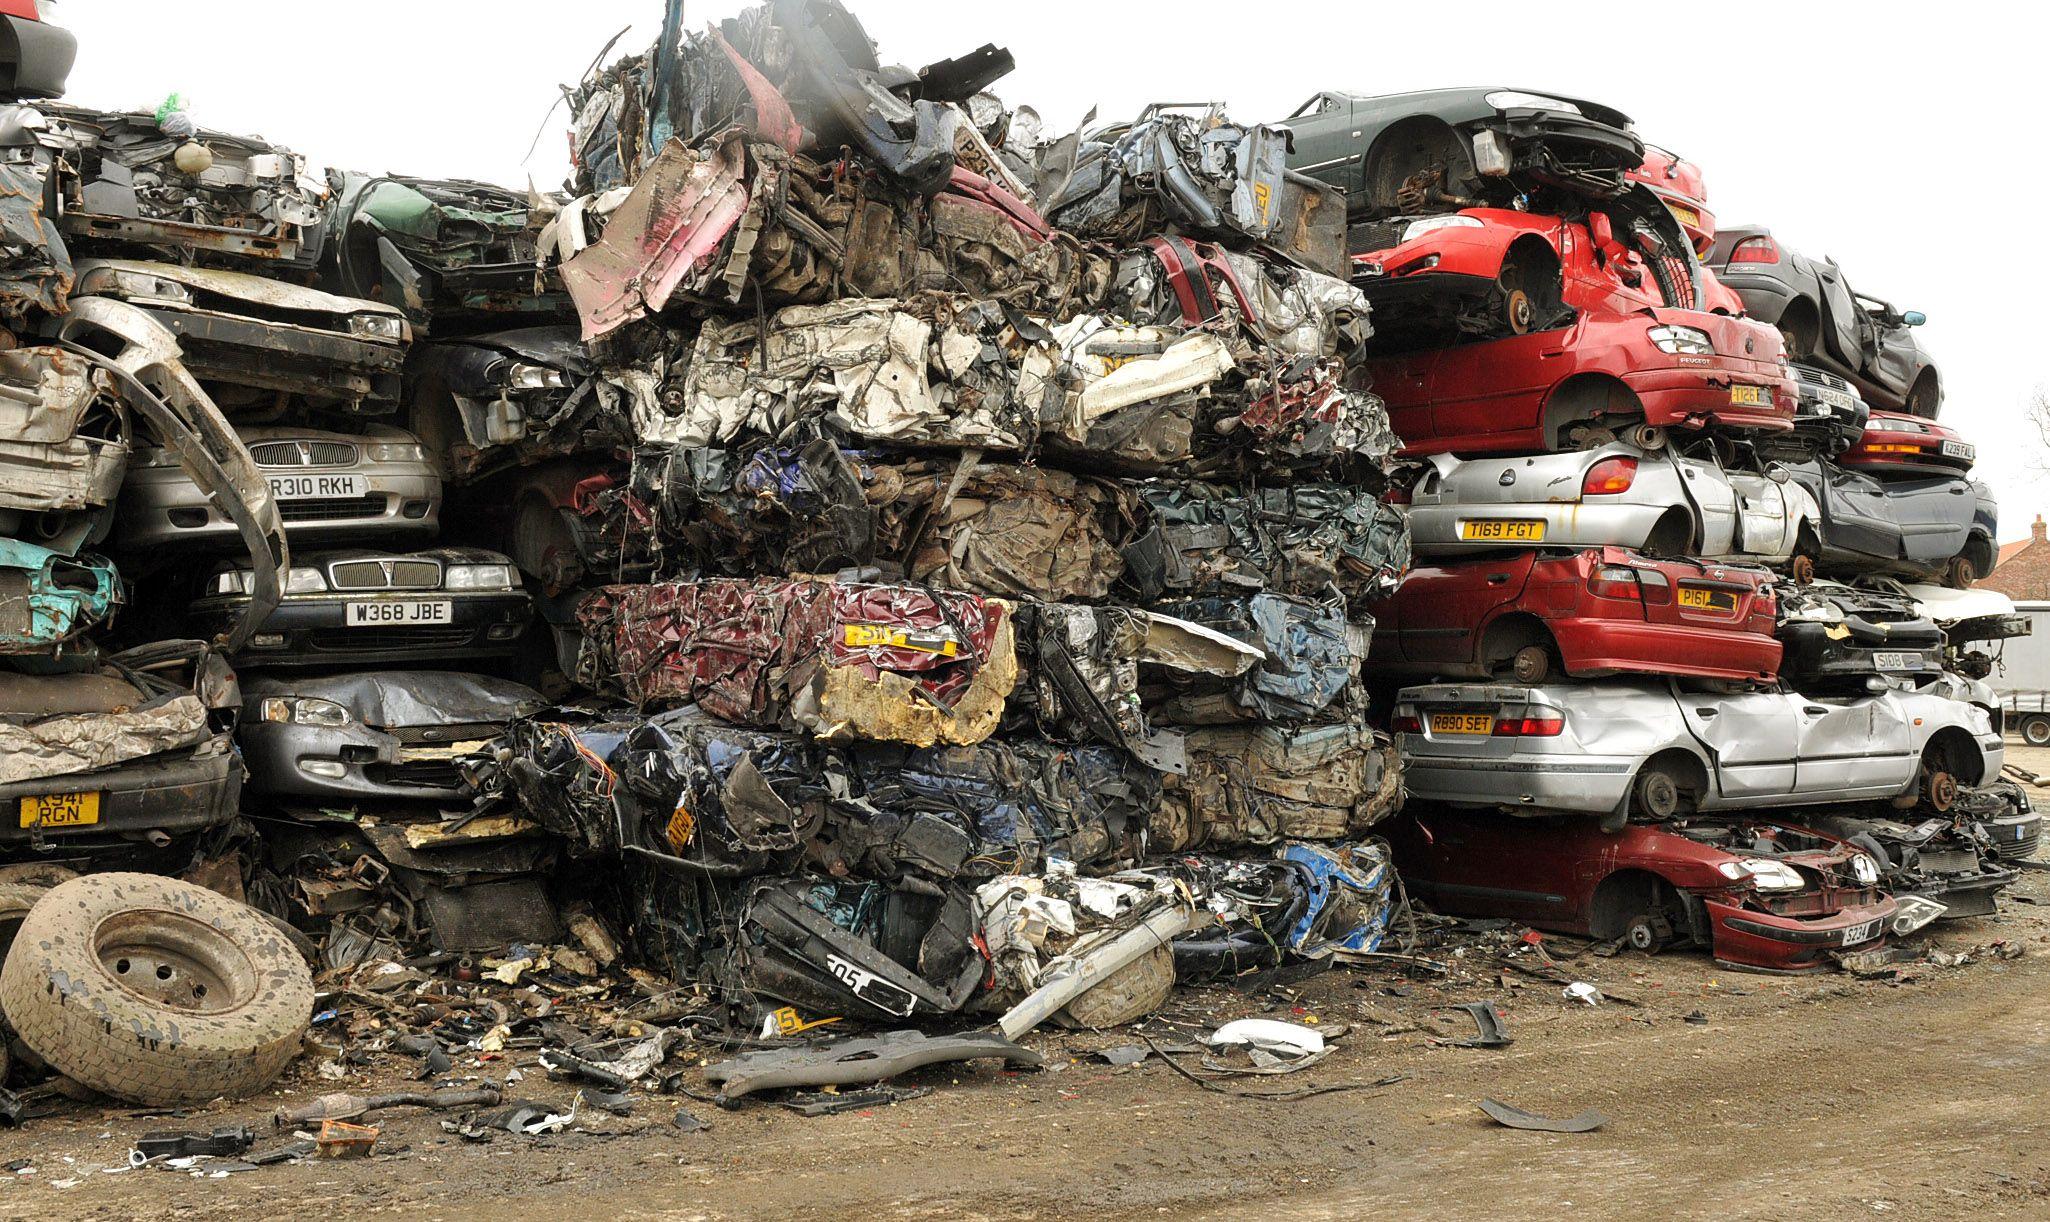 Farrow Scrap Metal merchants is one of the main scrap metal ...